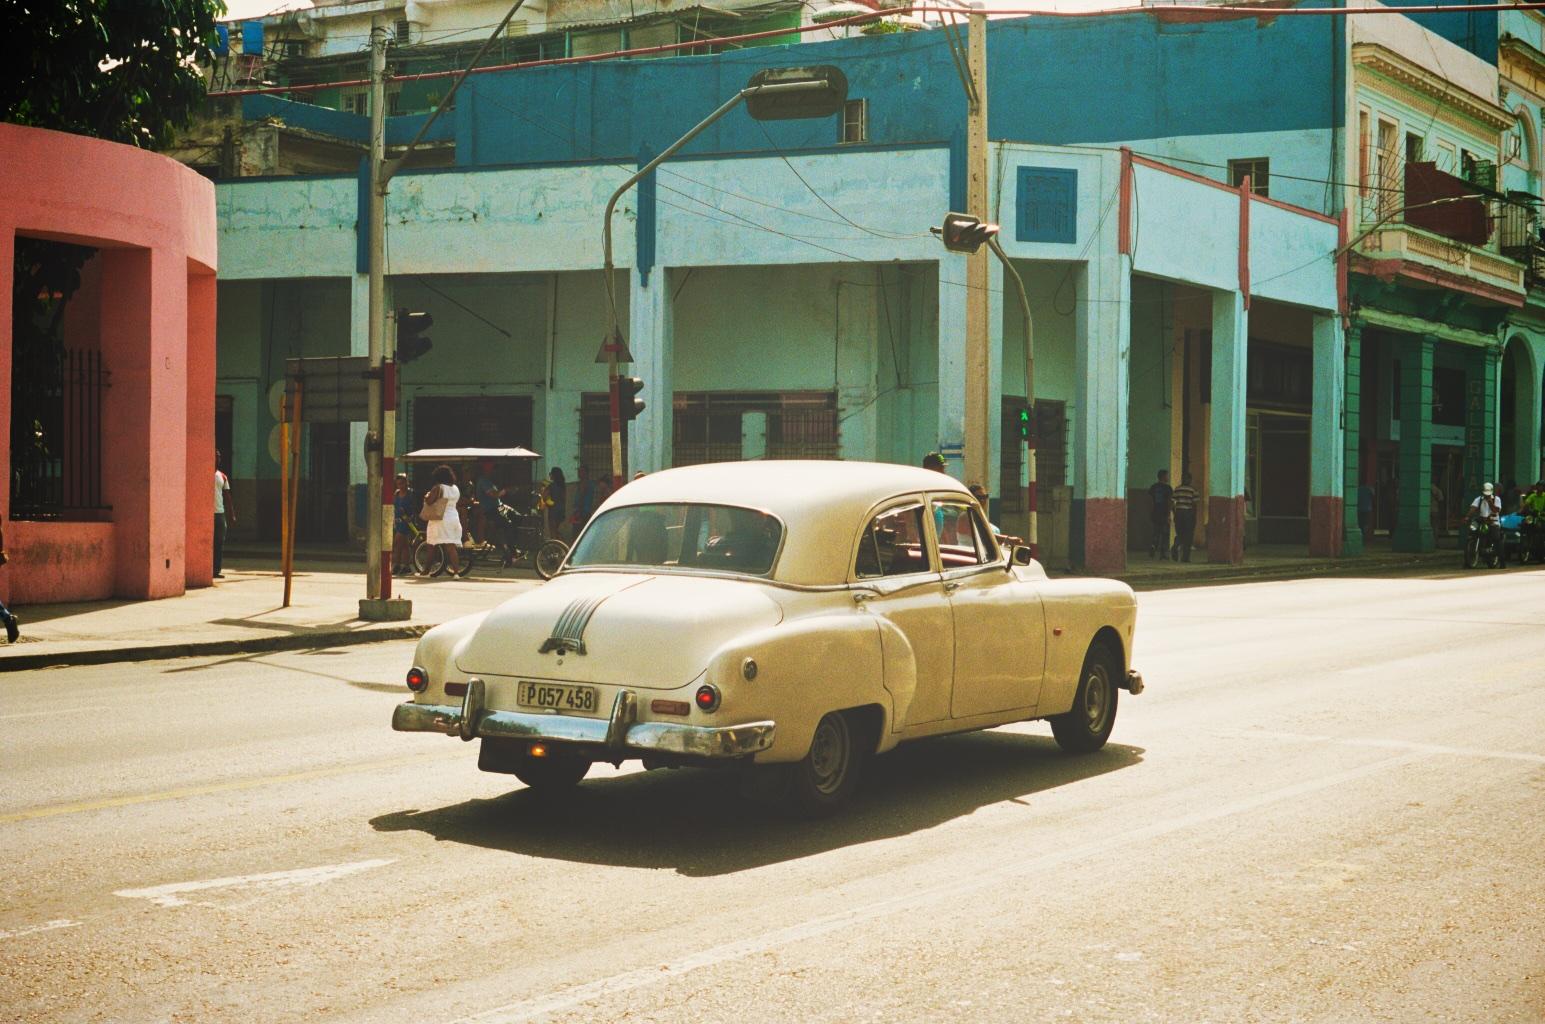 001_CubaCar.jpg